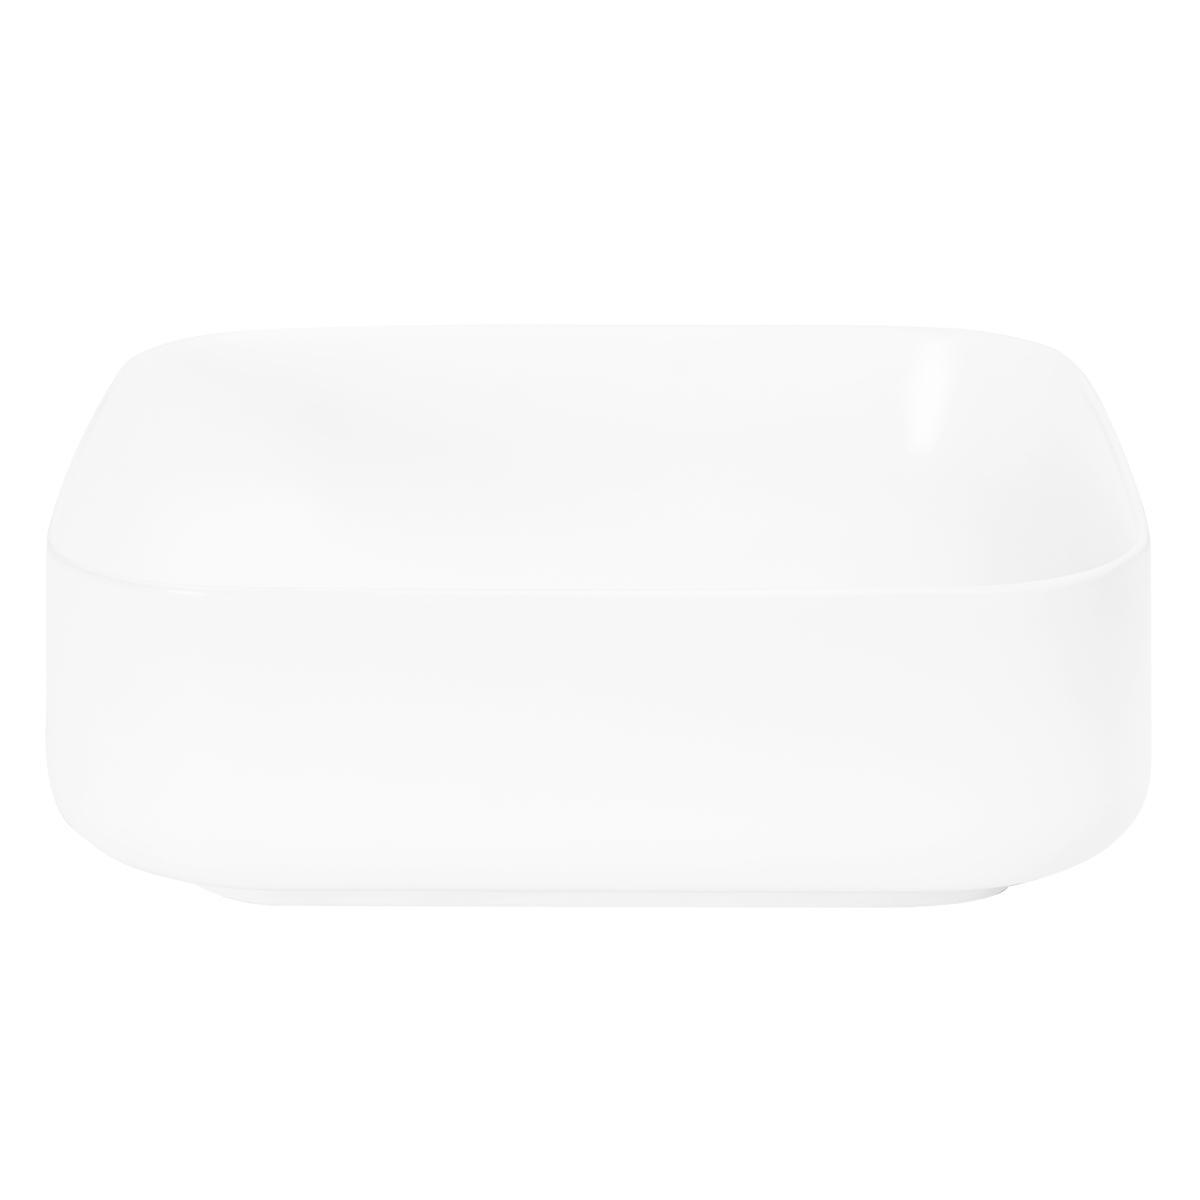 Bowl Lutxi Cuadrado Blanco Mate - 38.5X38.5X14 cm